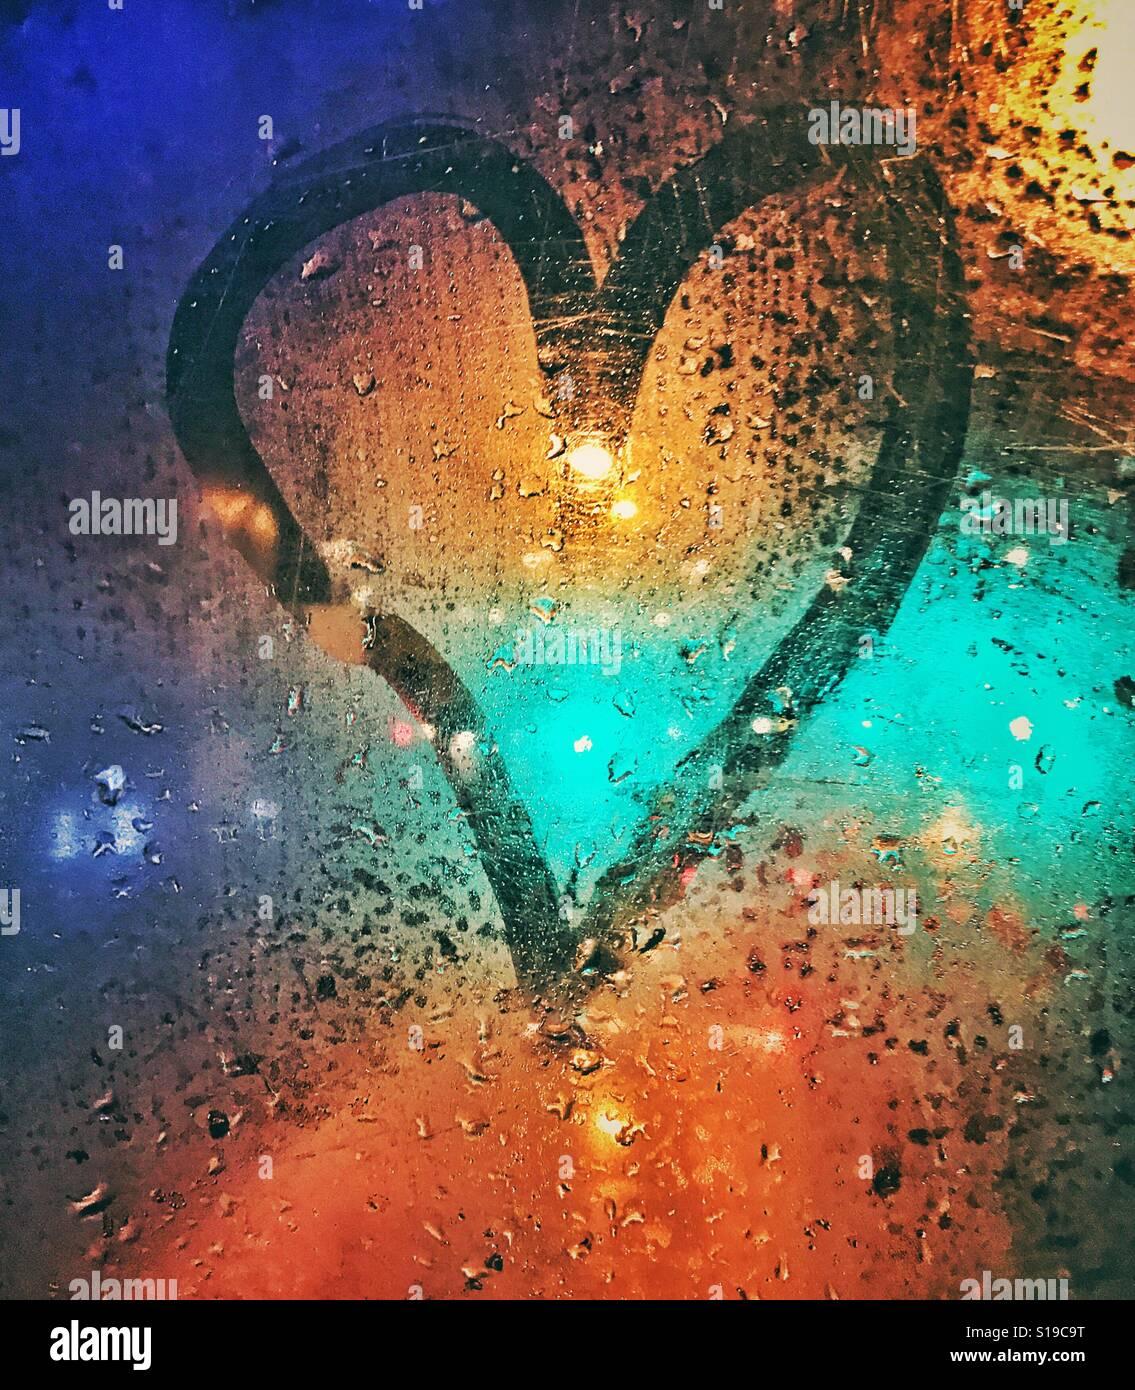 Un corazón de amor signo en la ventana de un bus Imagen De Stock